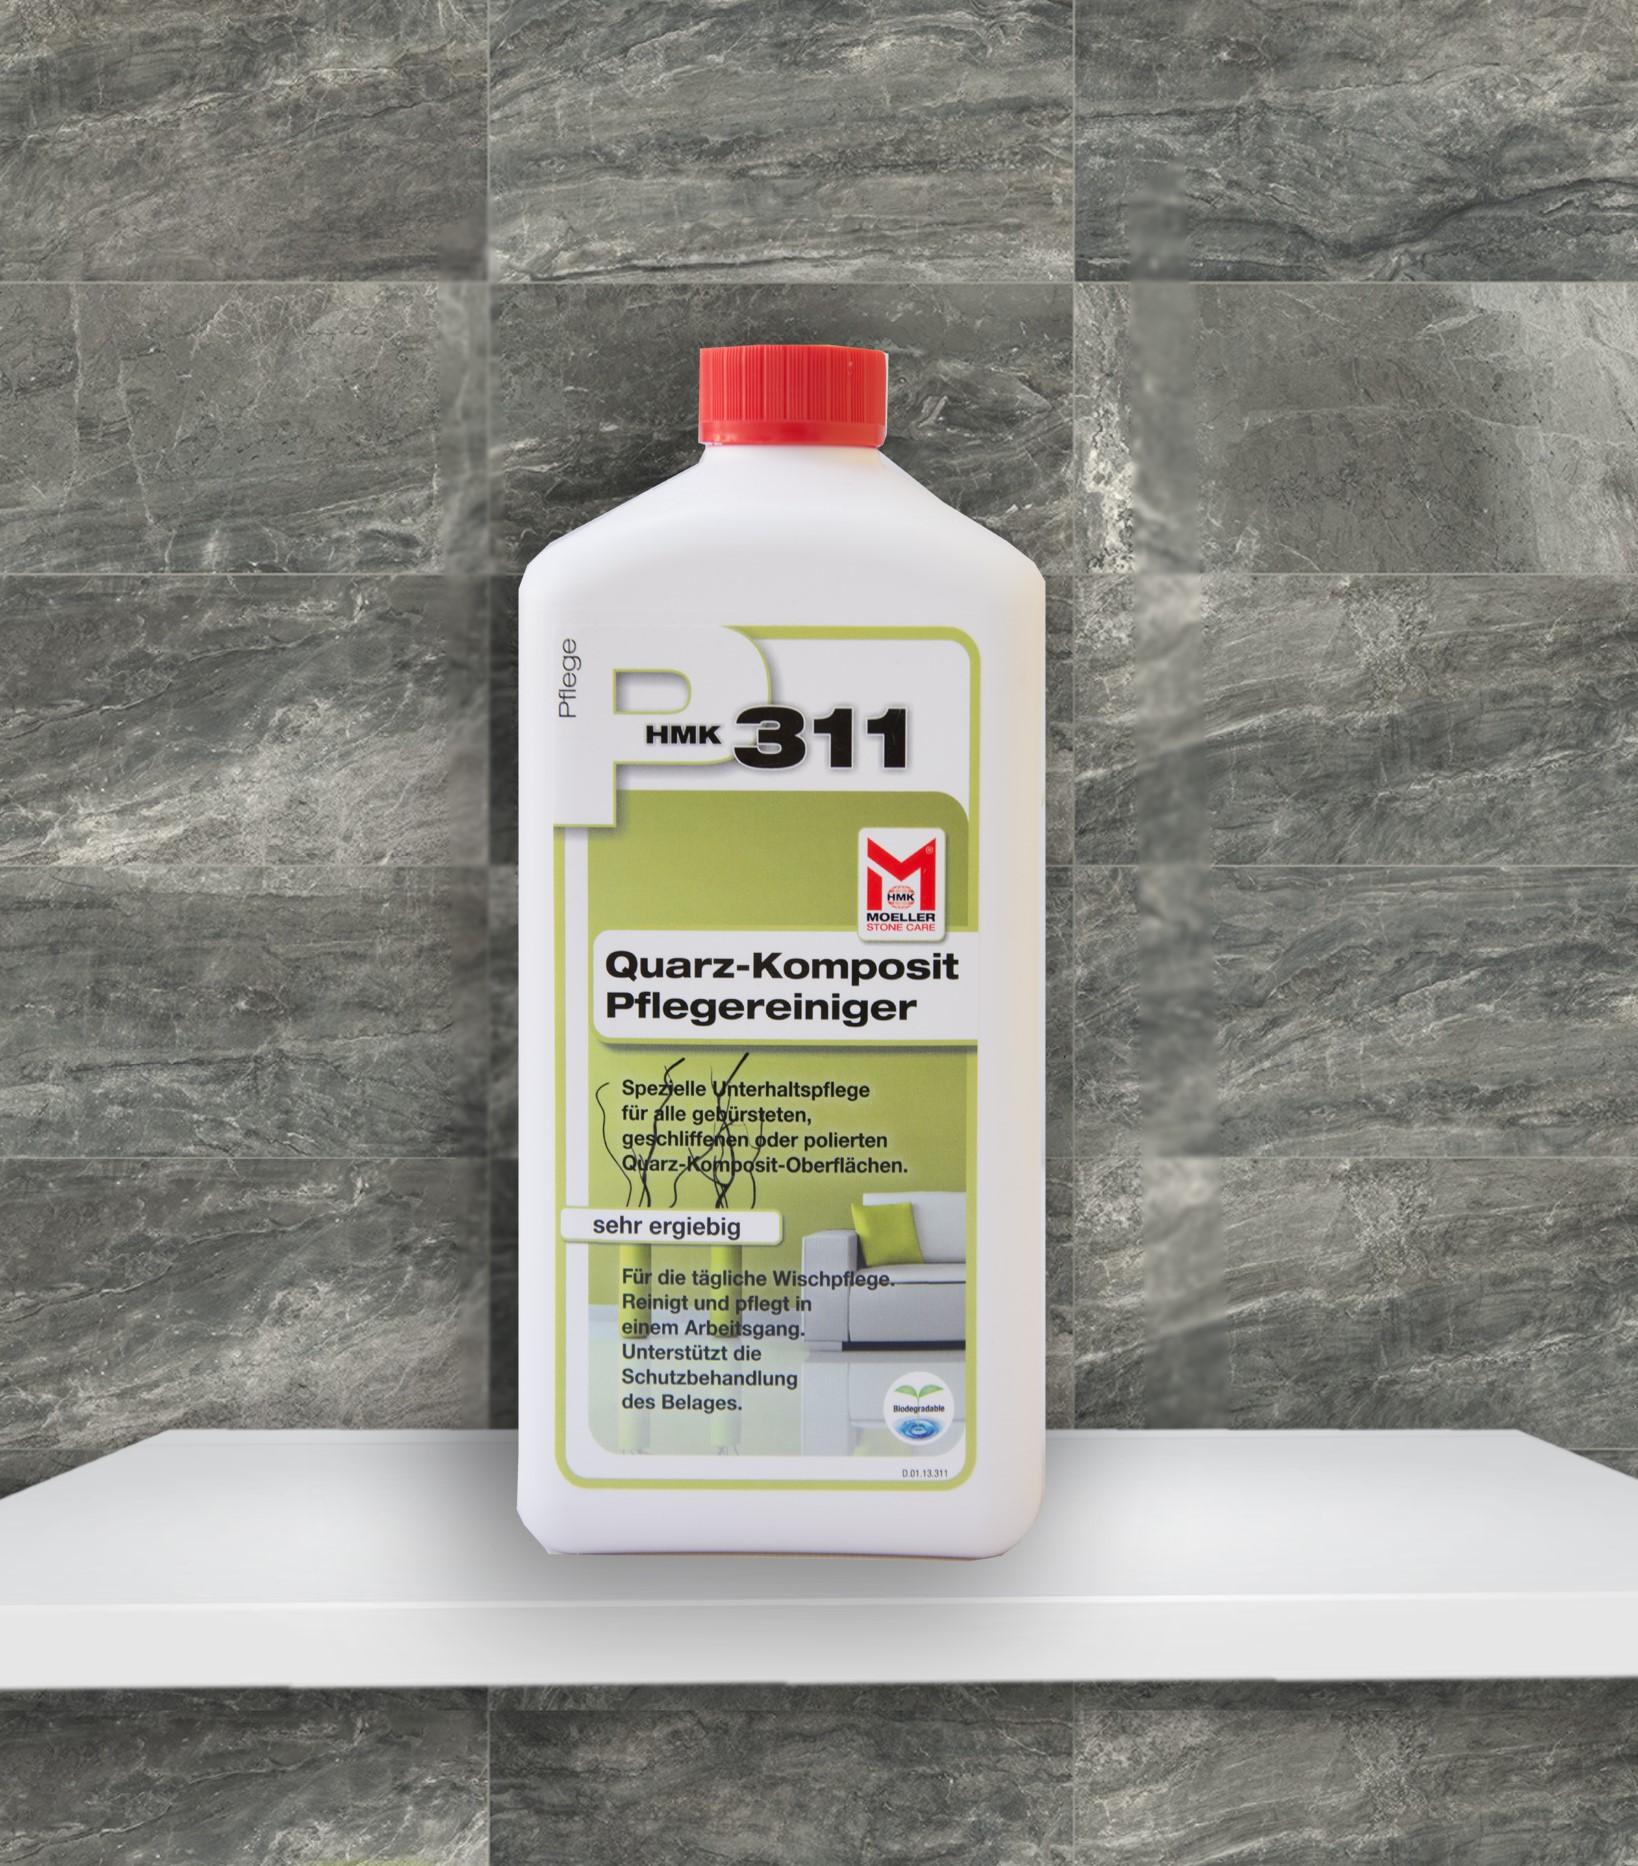 HMK P311 Quarz-Komosit Pflegereiniger 1 Ltr.